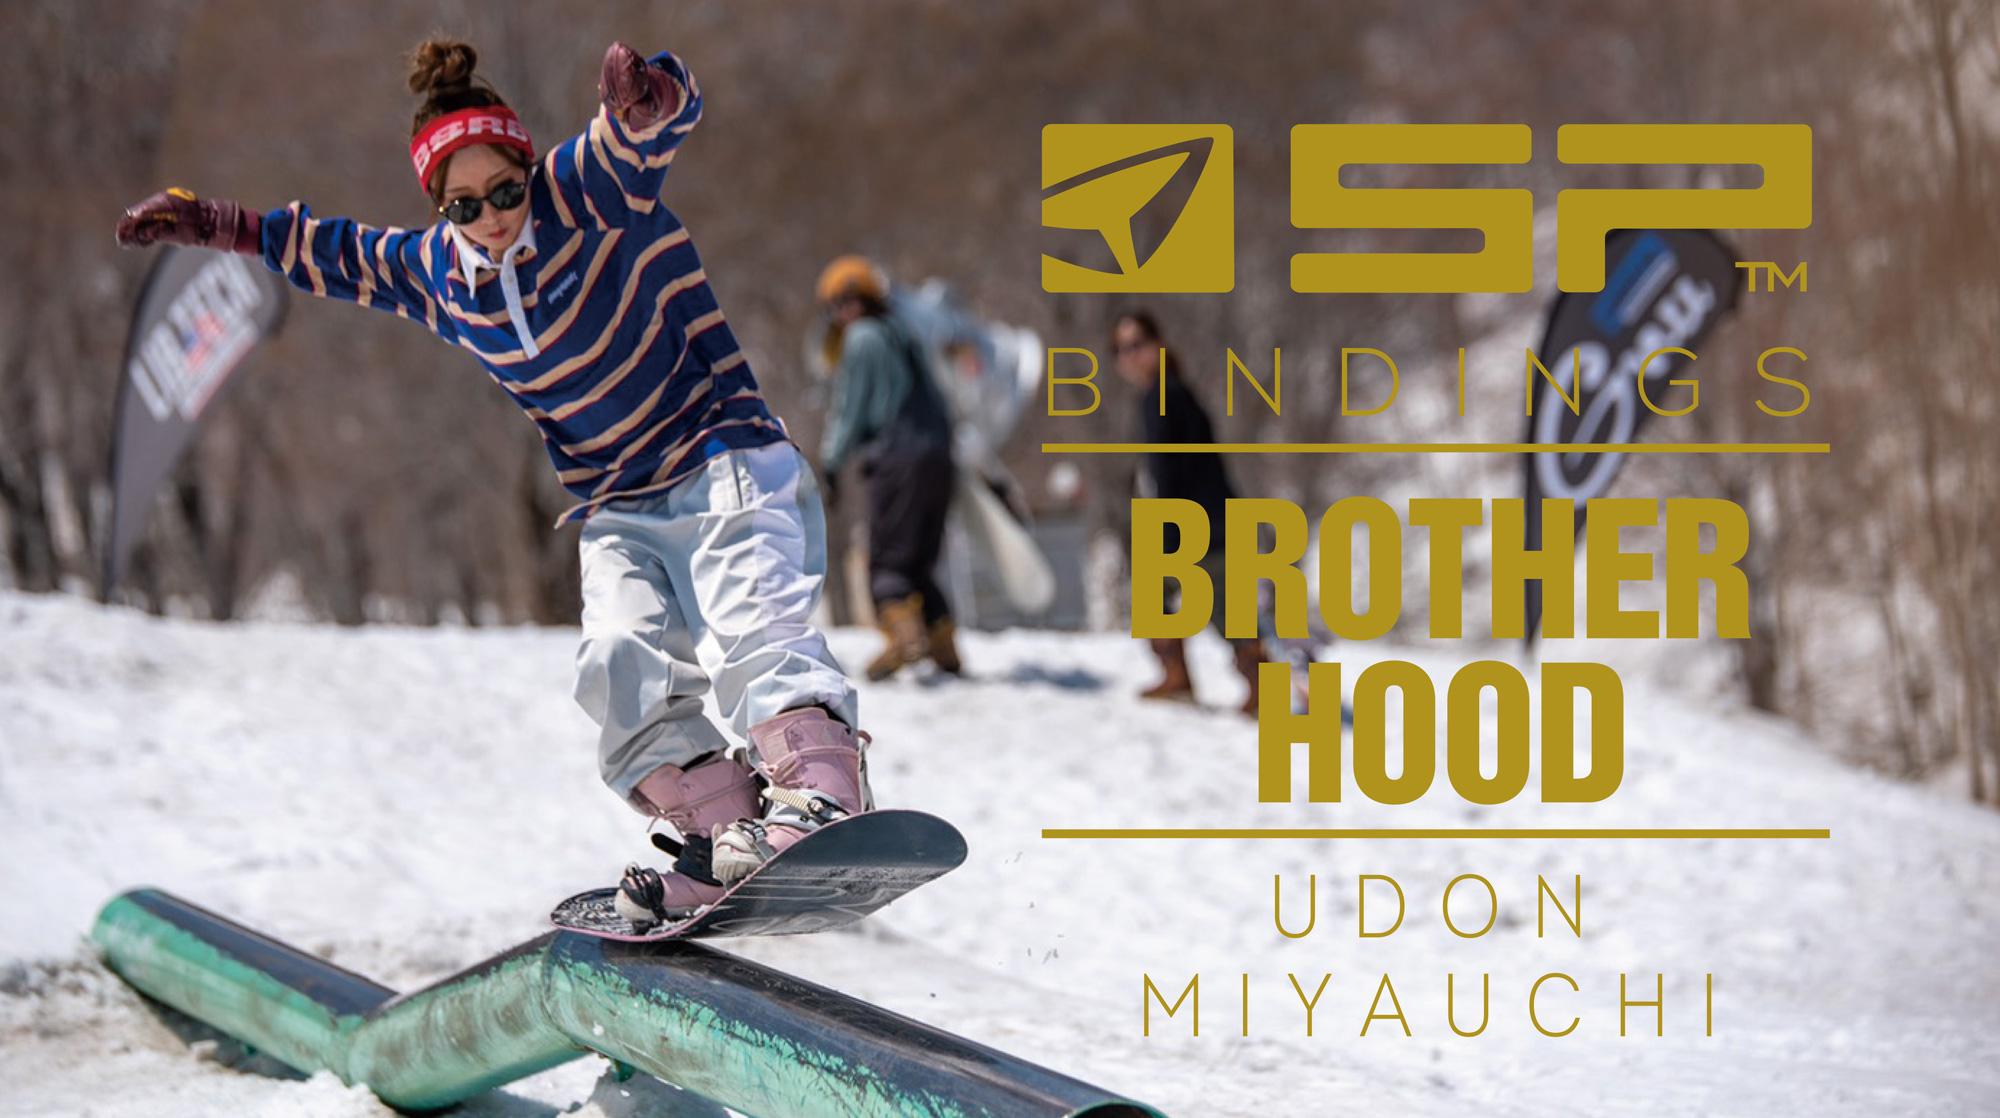 【20-21モデル最新情報】足裏で雪面をしっかり感じられる「BROTHERHOOD」